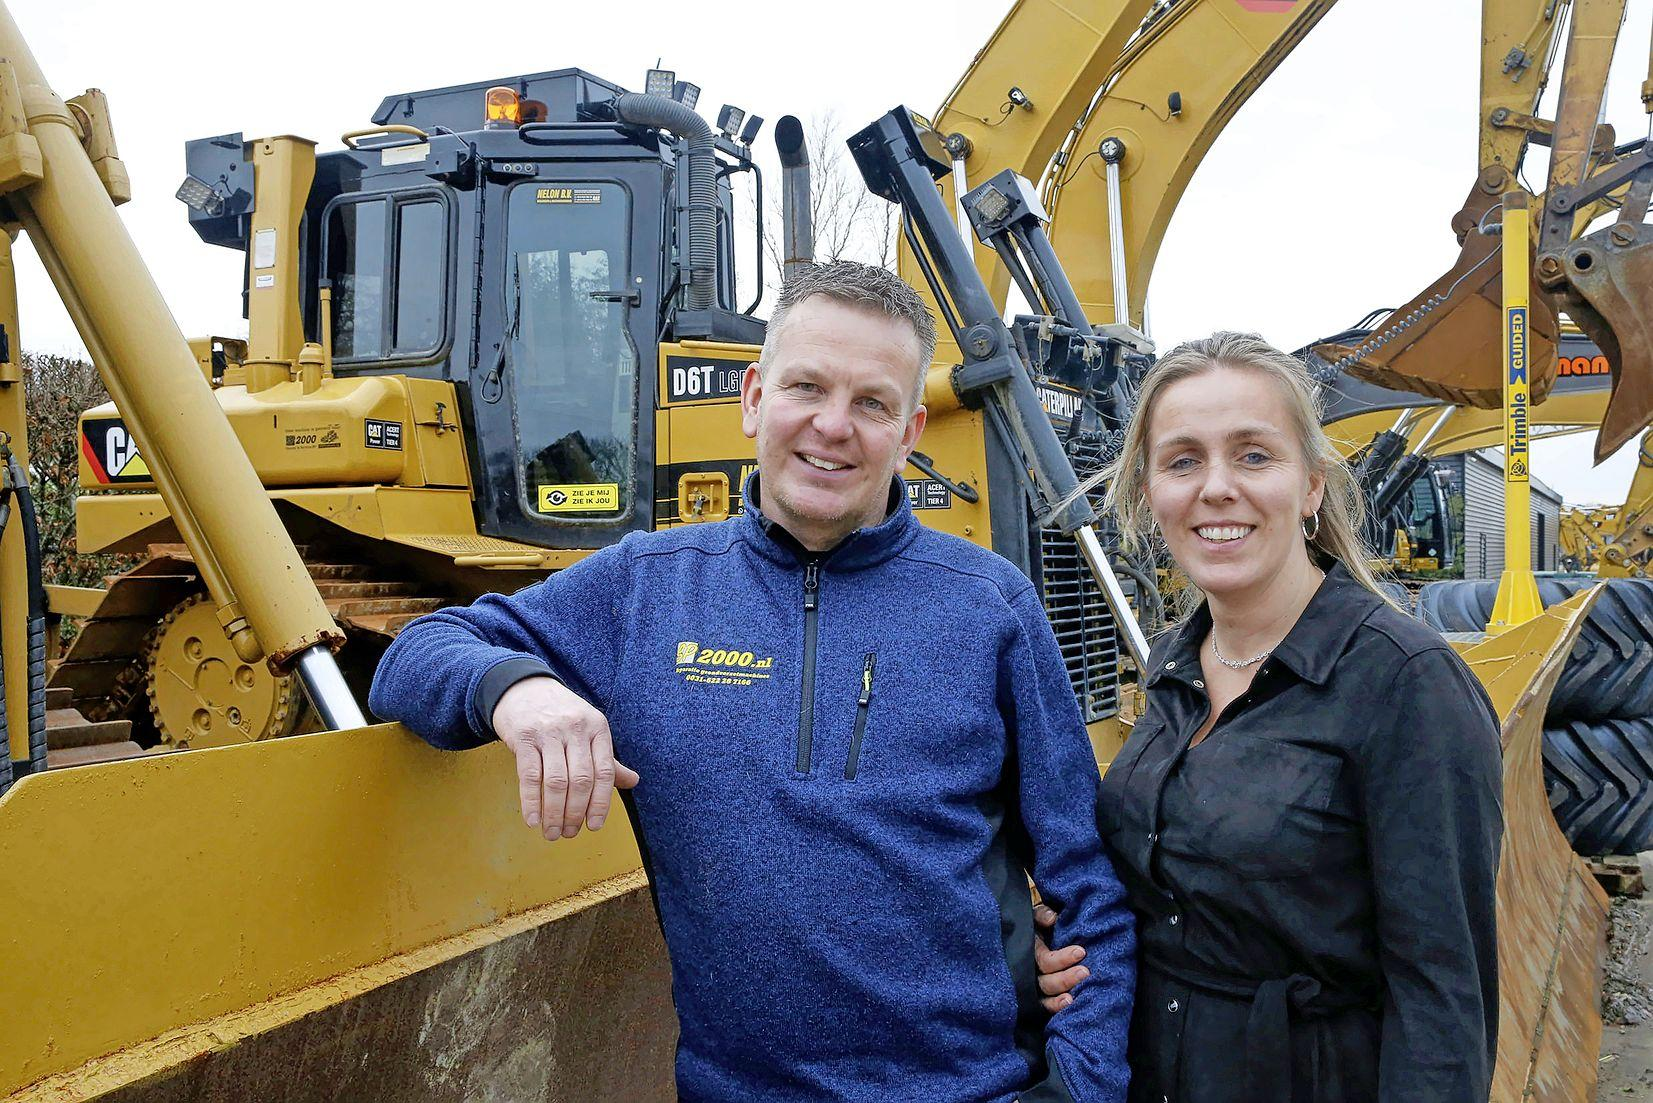 Oplichters gebruiken ook de shovels en bulldozers van bedrijf in Winkel. 'Er moeten miljoenen euro's worden verdiend'